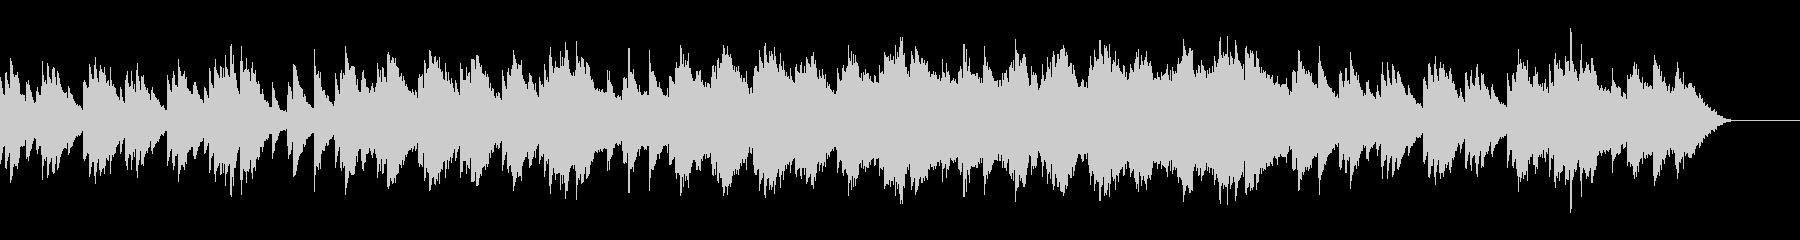 劇伴_切ないシーンの少し感動的なBGMの未再生の波形